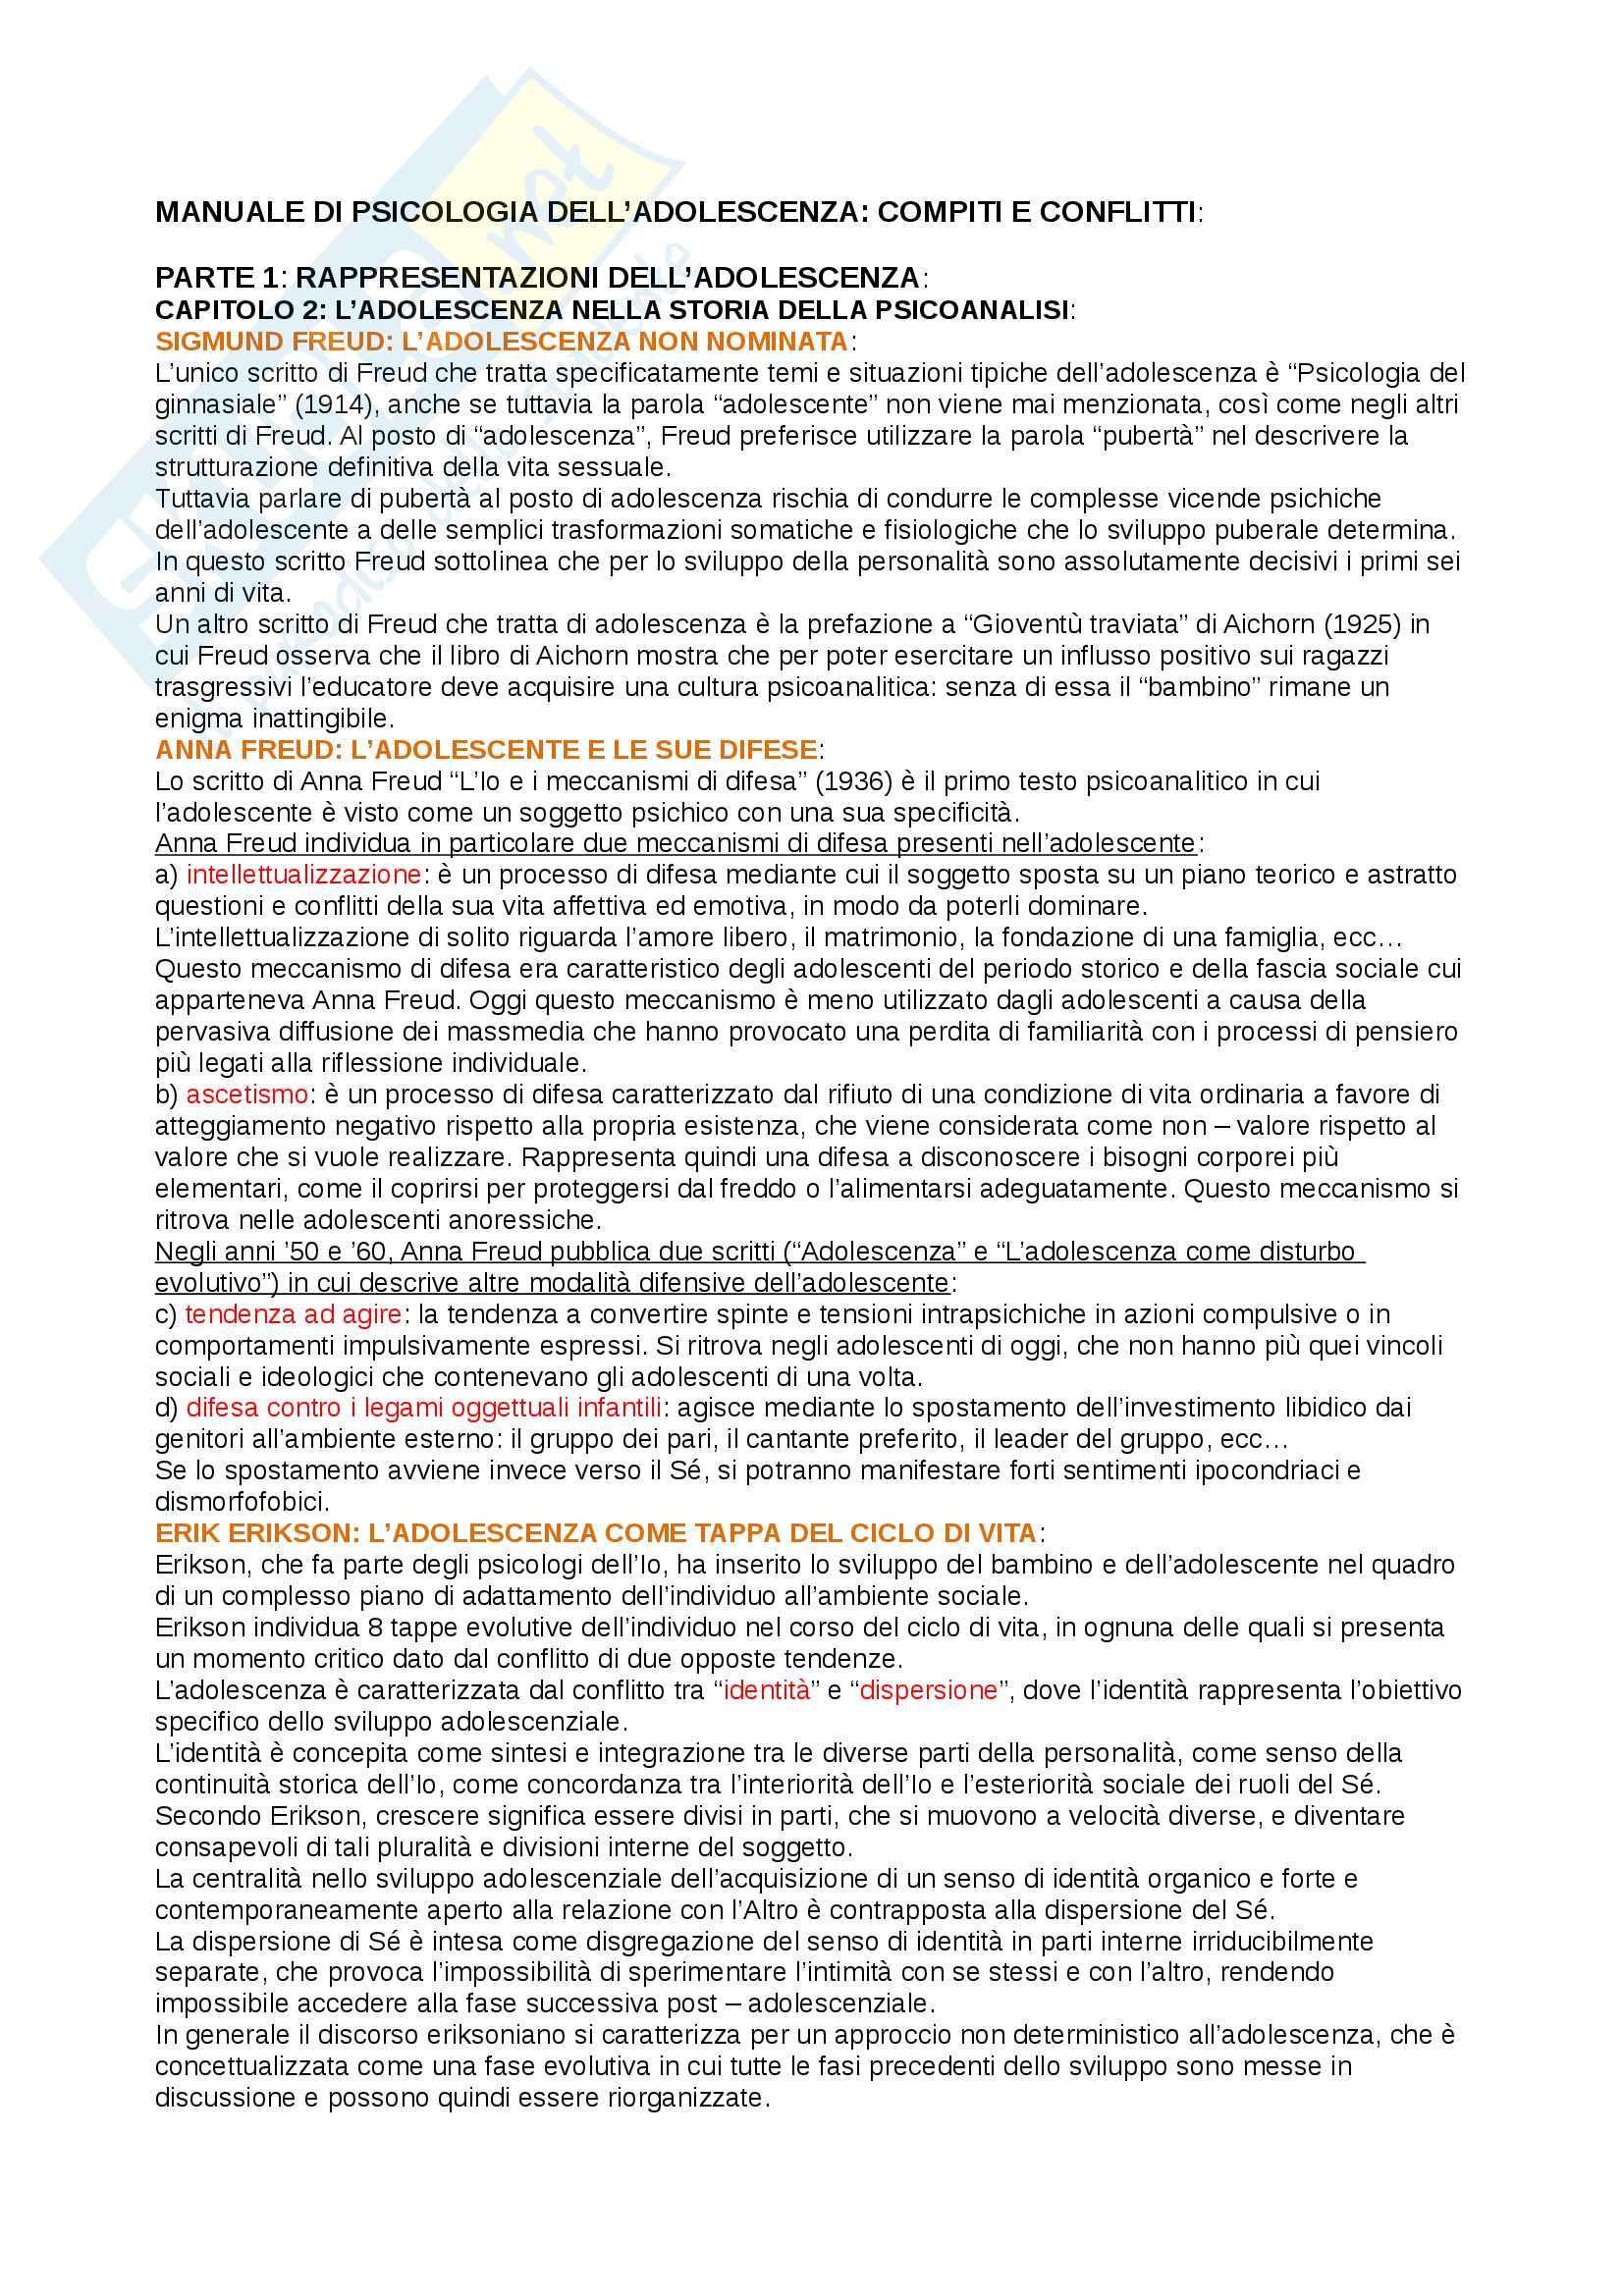 Riassunto esame psicologia del ciclo di vita, prof Maggiolini, libro consigliato Manuale di  psicologia dell'adolescenza - compiti e conflitti, Maggiolini, Charmet